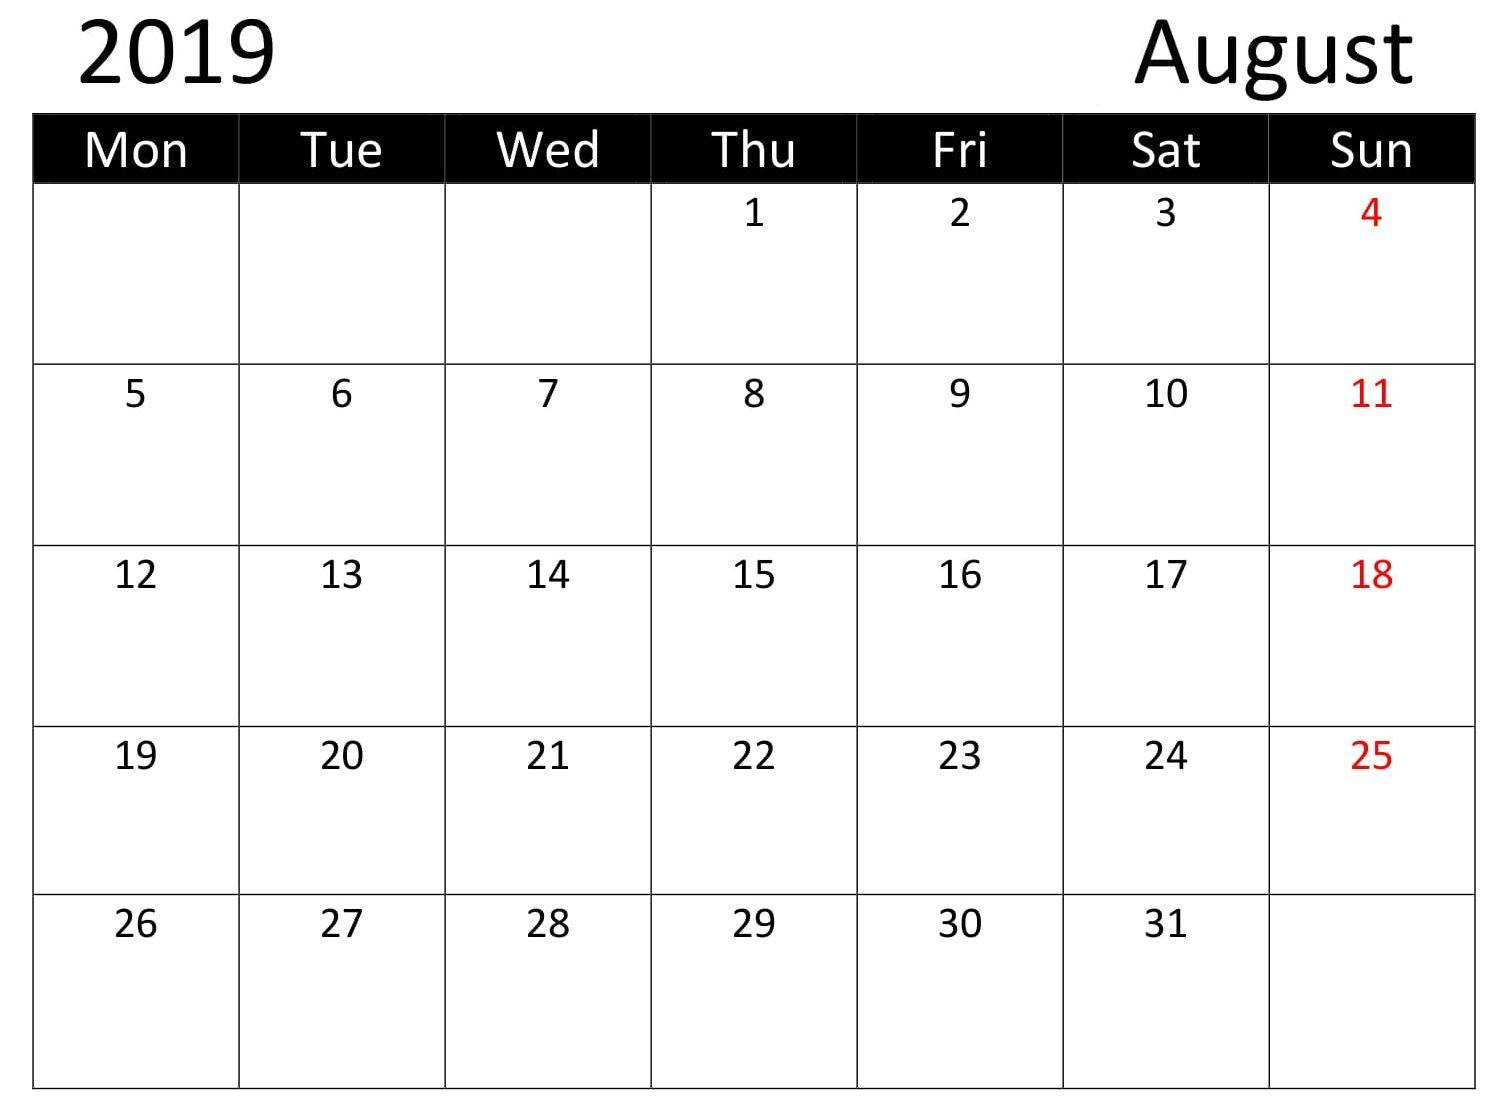 Calendar August 2019 Editable With Holidays Calendar Word 2019